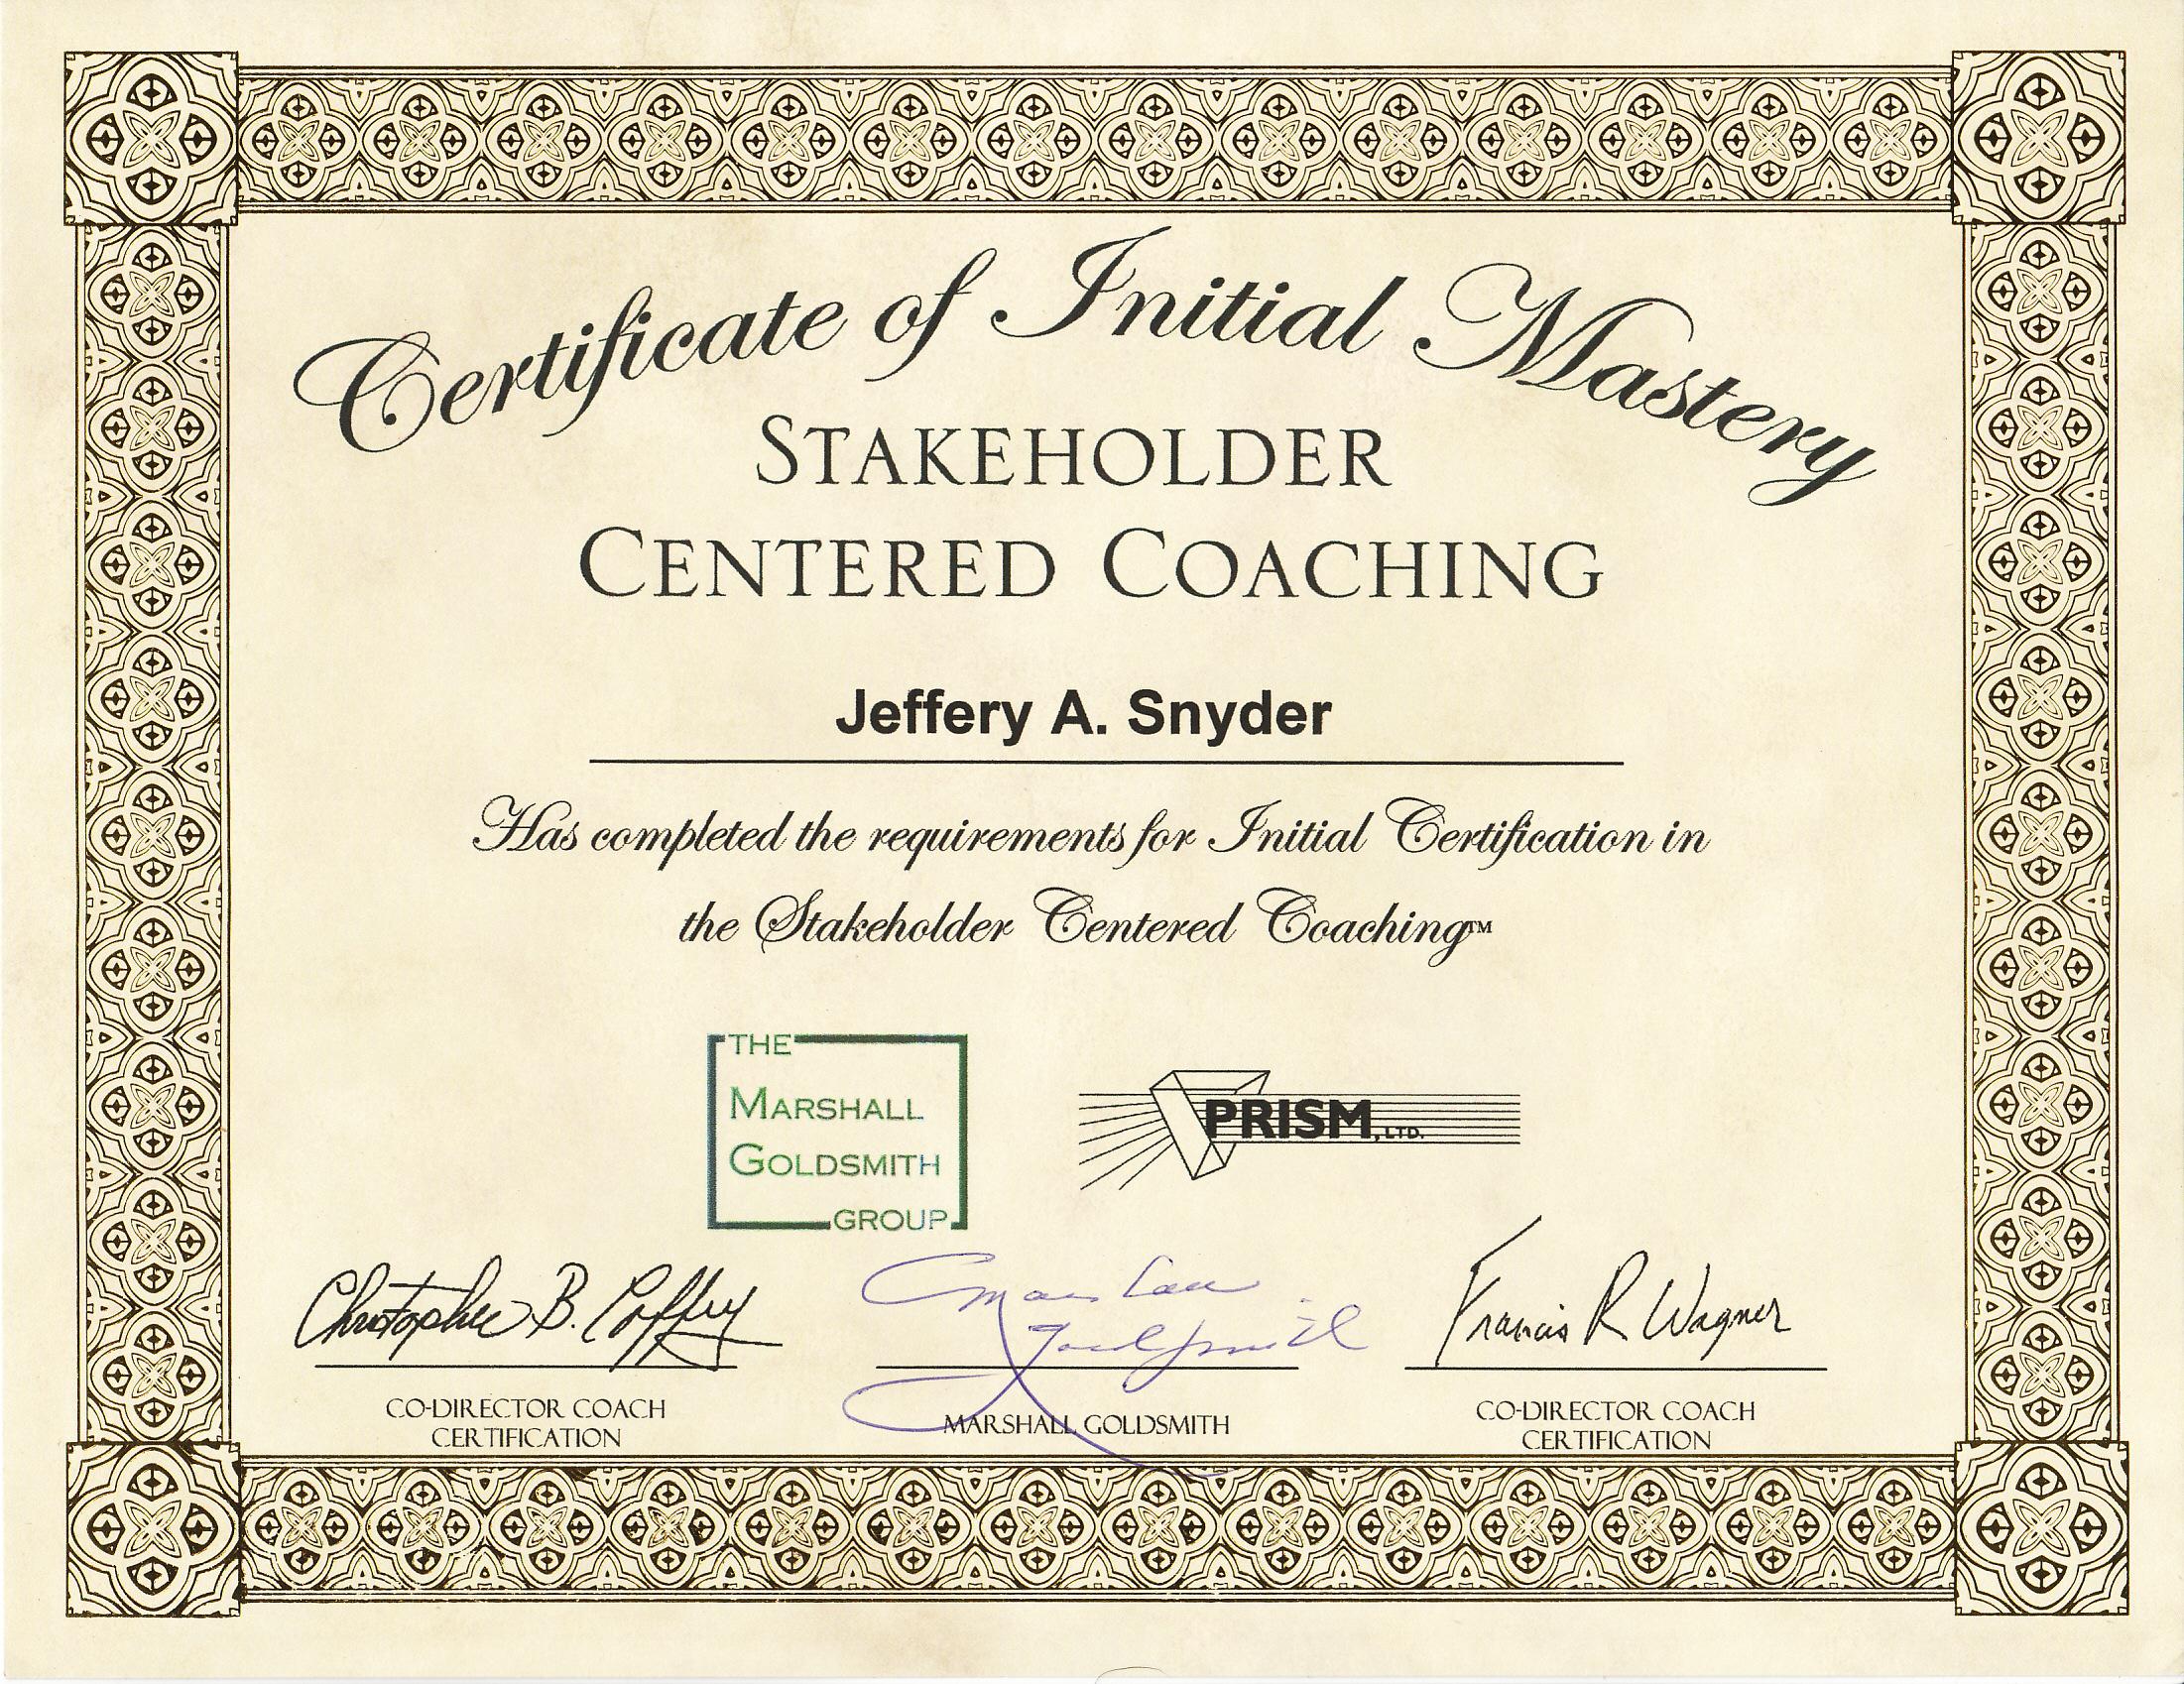 Stakeholder Centered Coaching 200 dpi.jpg